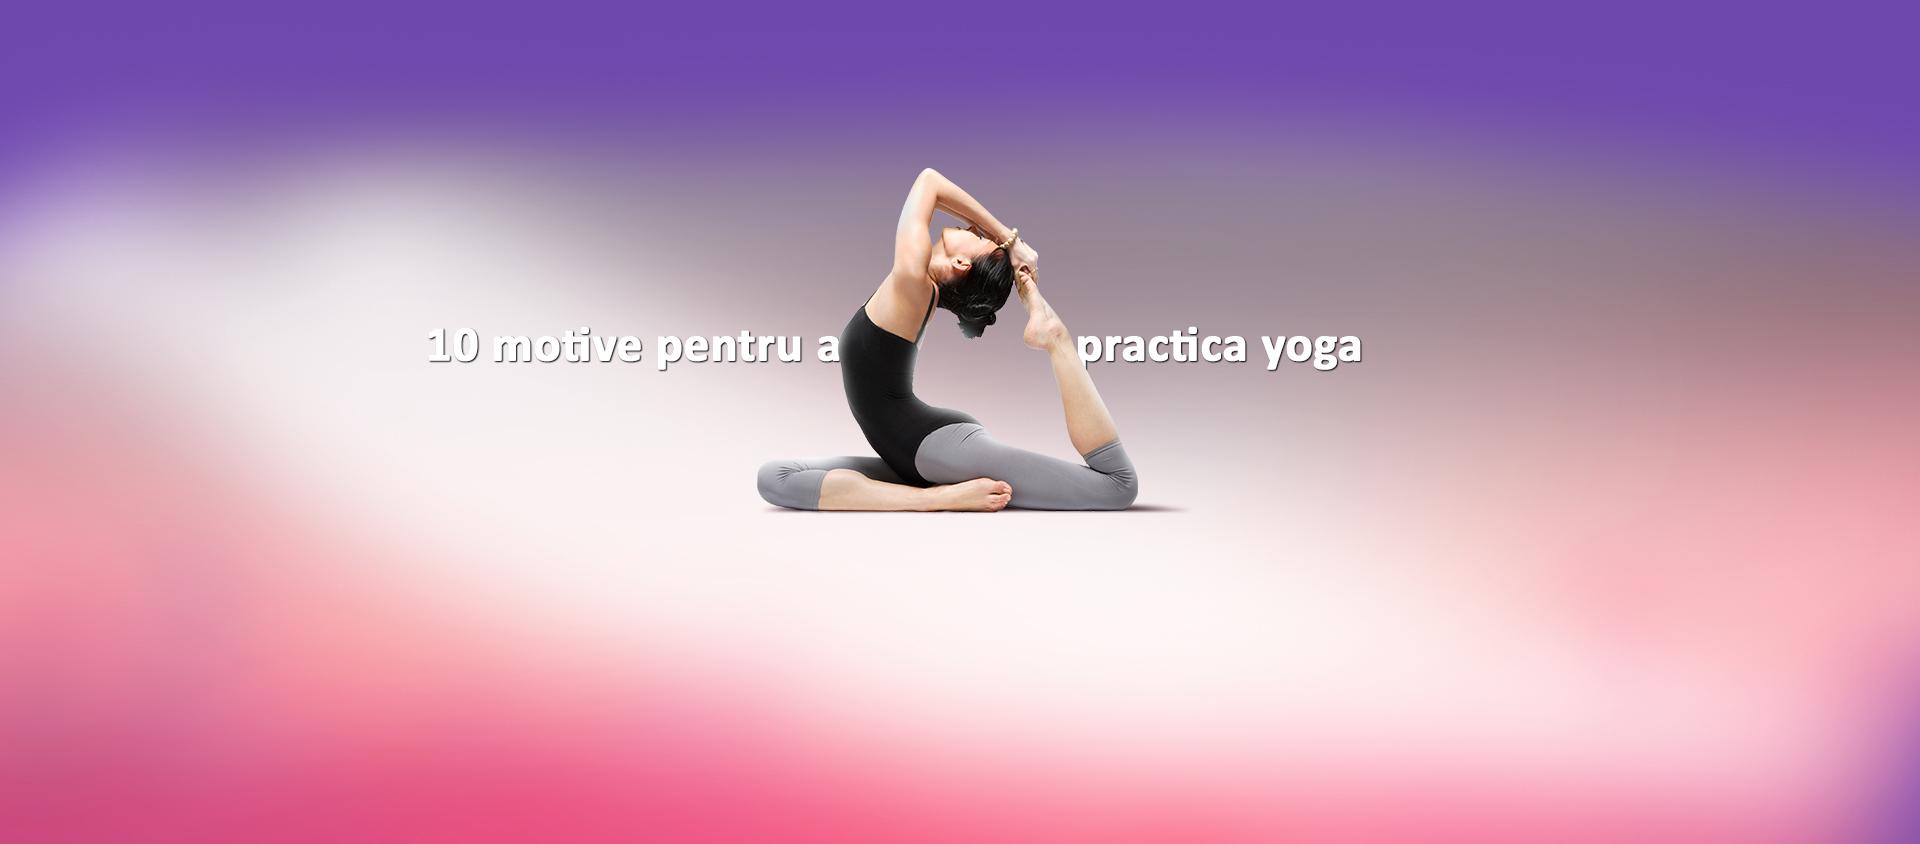 Descoperă 10 beneficii pentru a practica yoga.